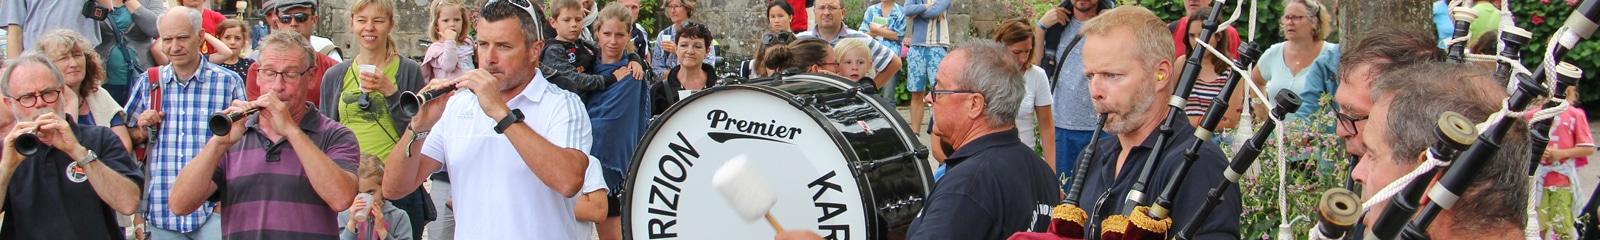 Fest-noz à Carnac avec musique et danse bretonnes